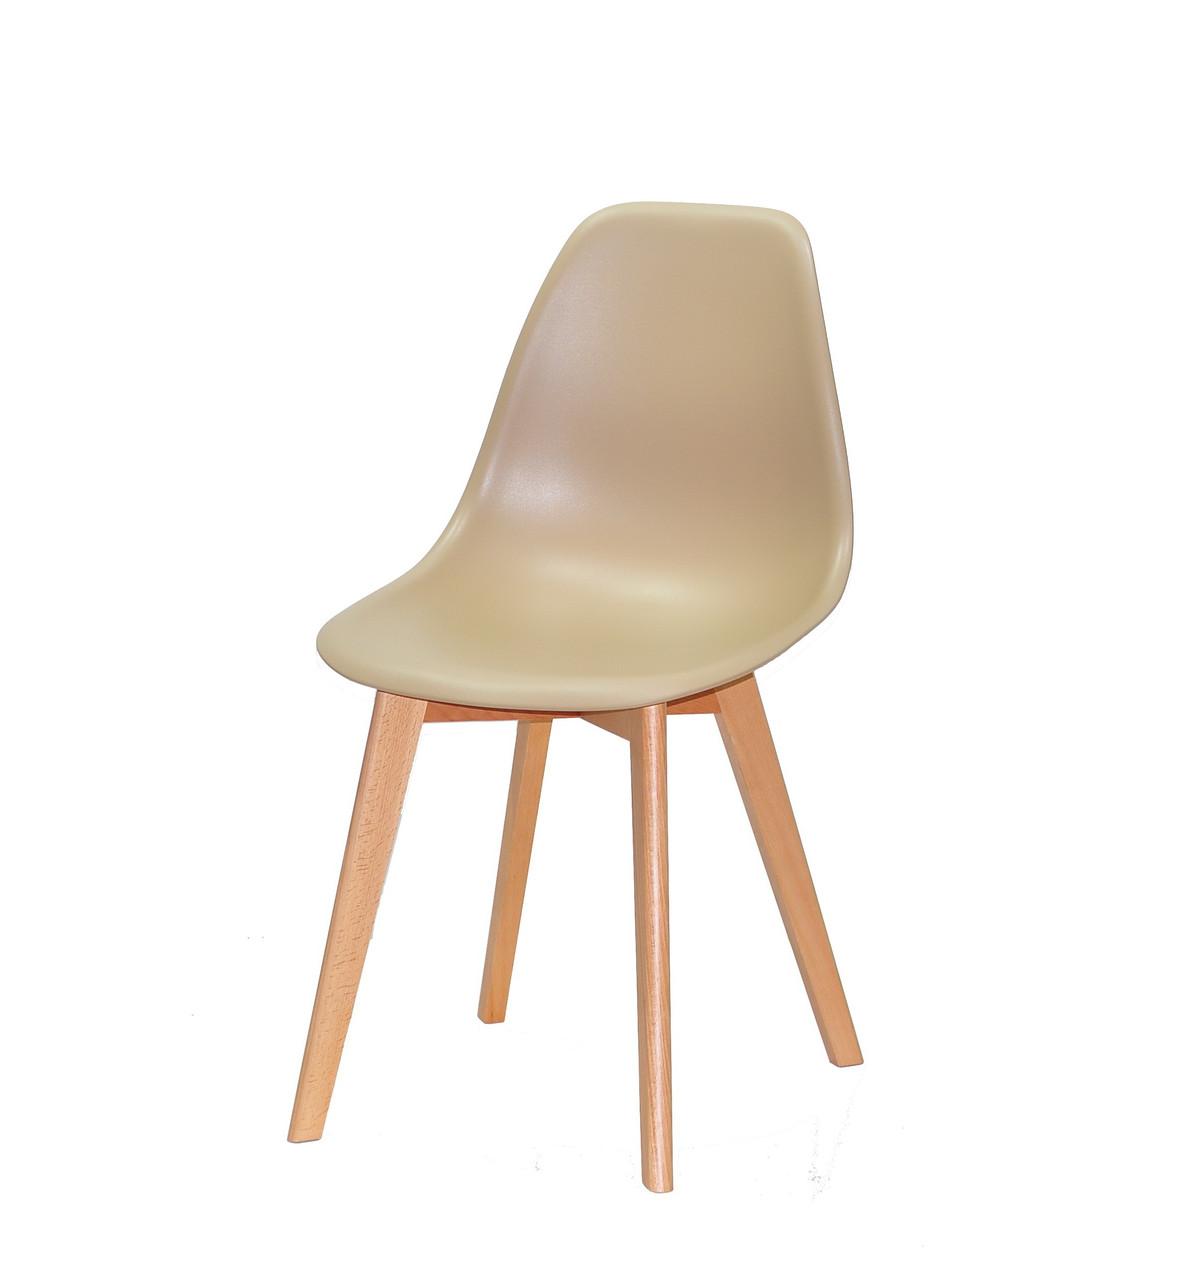 Бежевый стул с цельнолитым пластиковым сиденьем на деревянных ножках Nik D